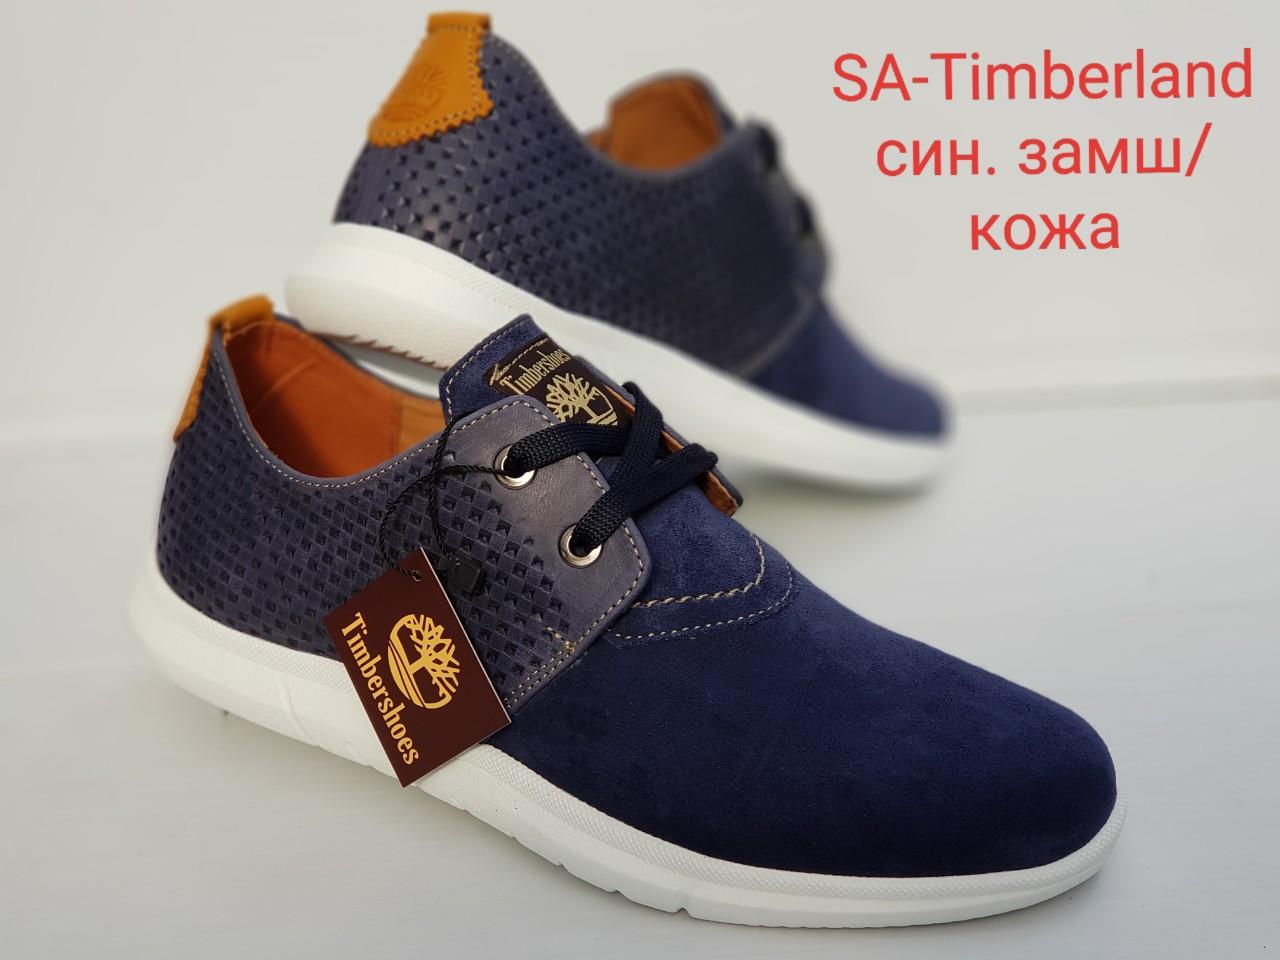 Кроссовки в стиле SA Timberland синие